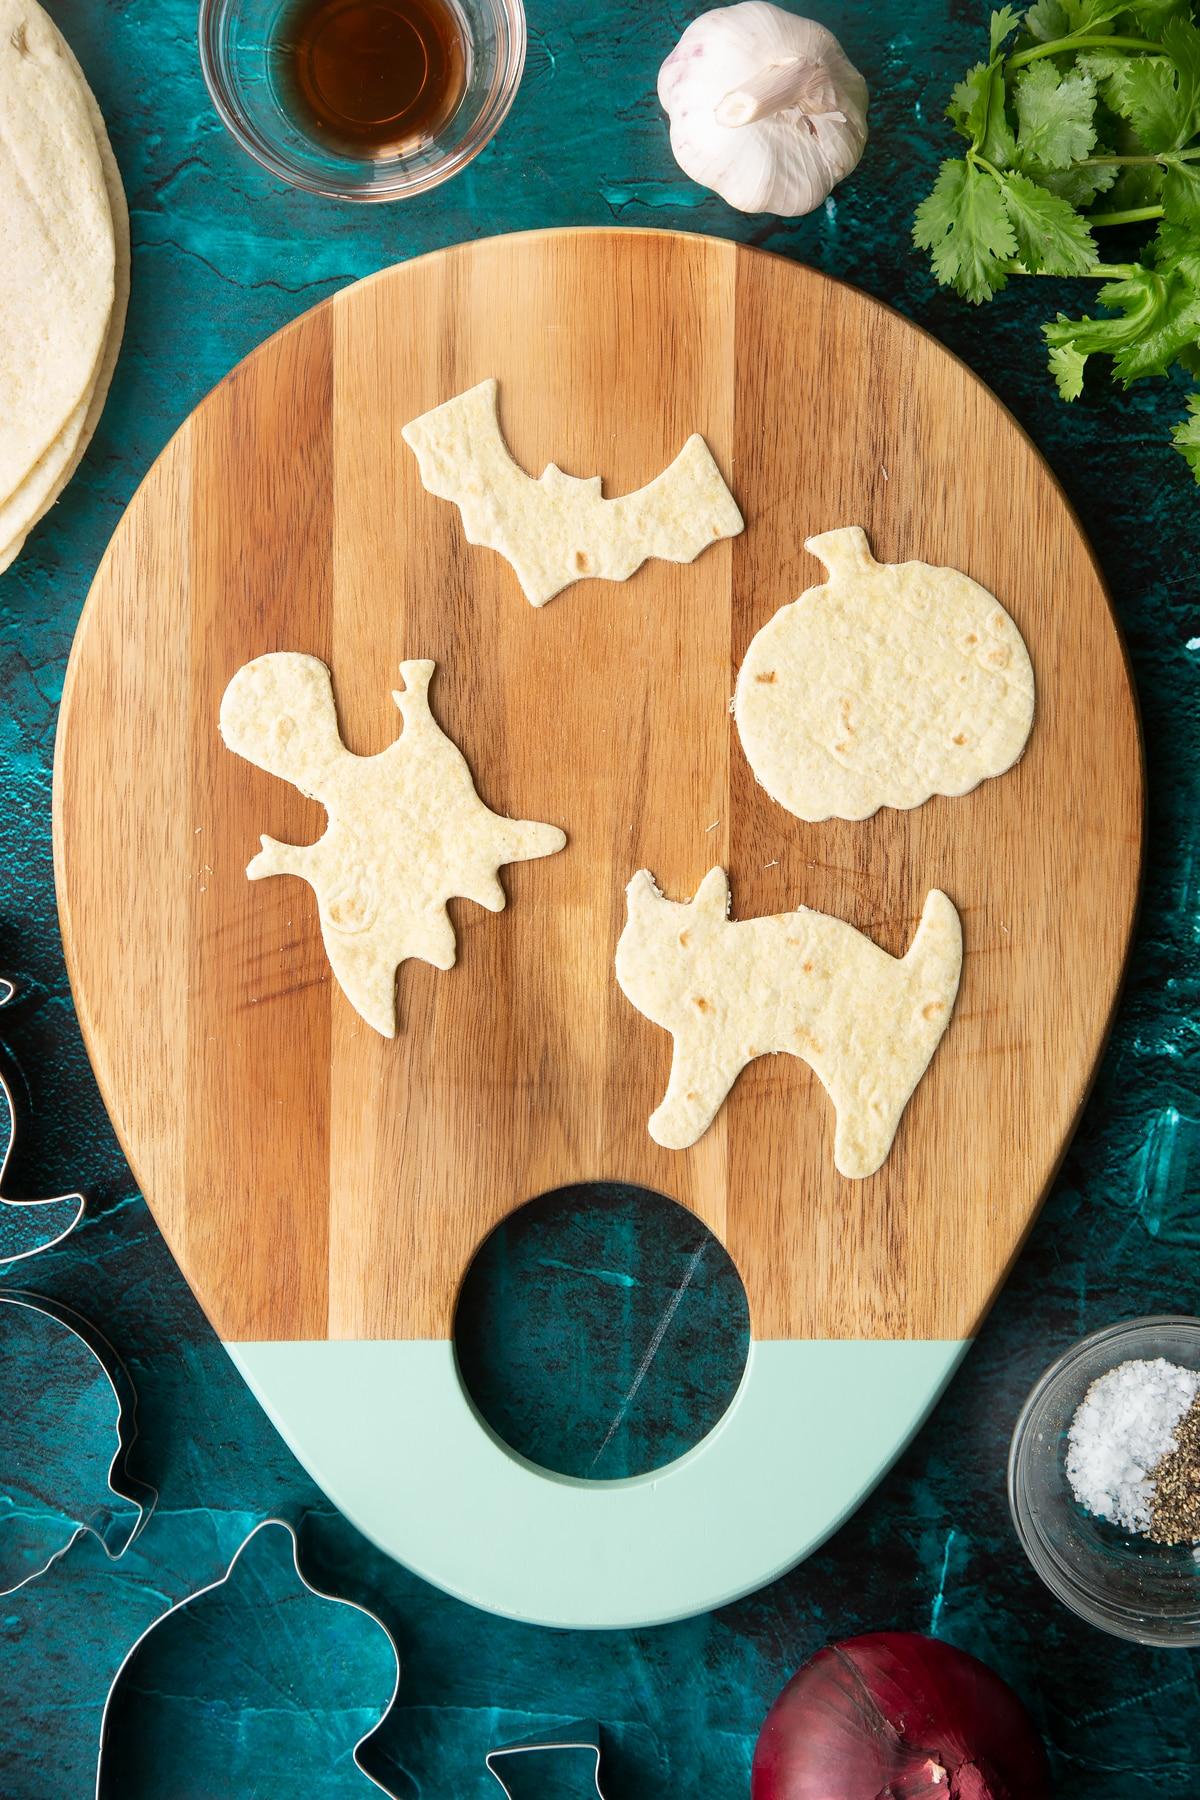 A soft tortilla cut into Halloween shapes.